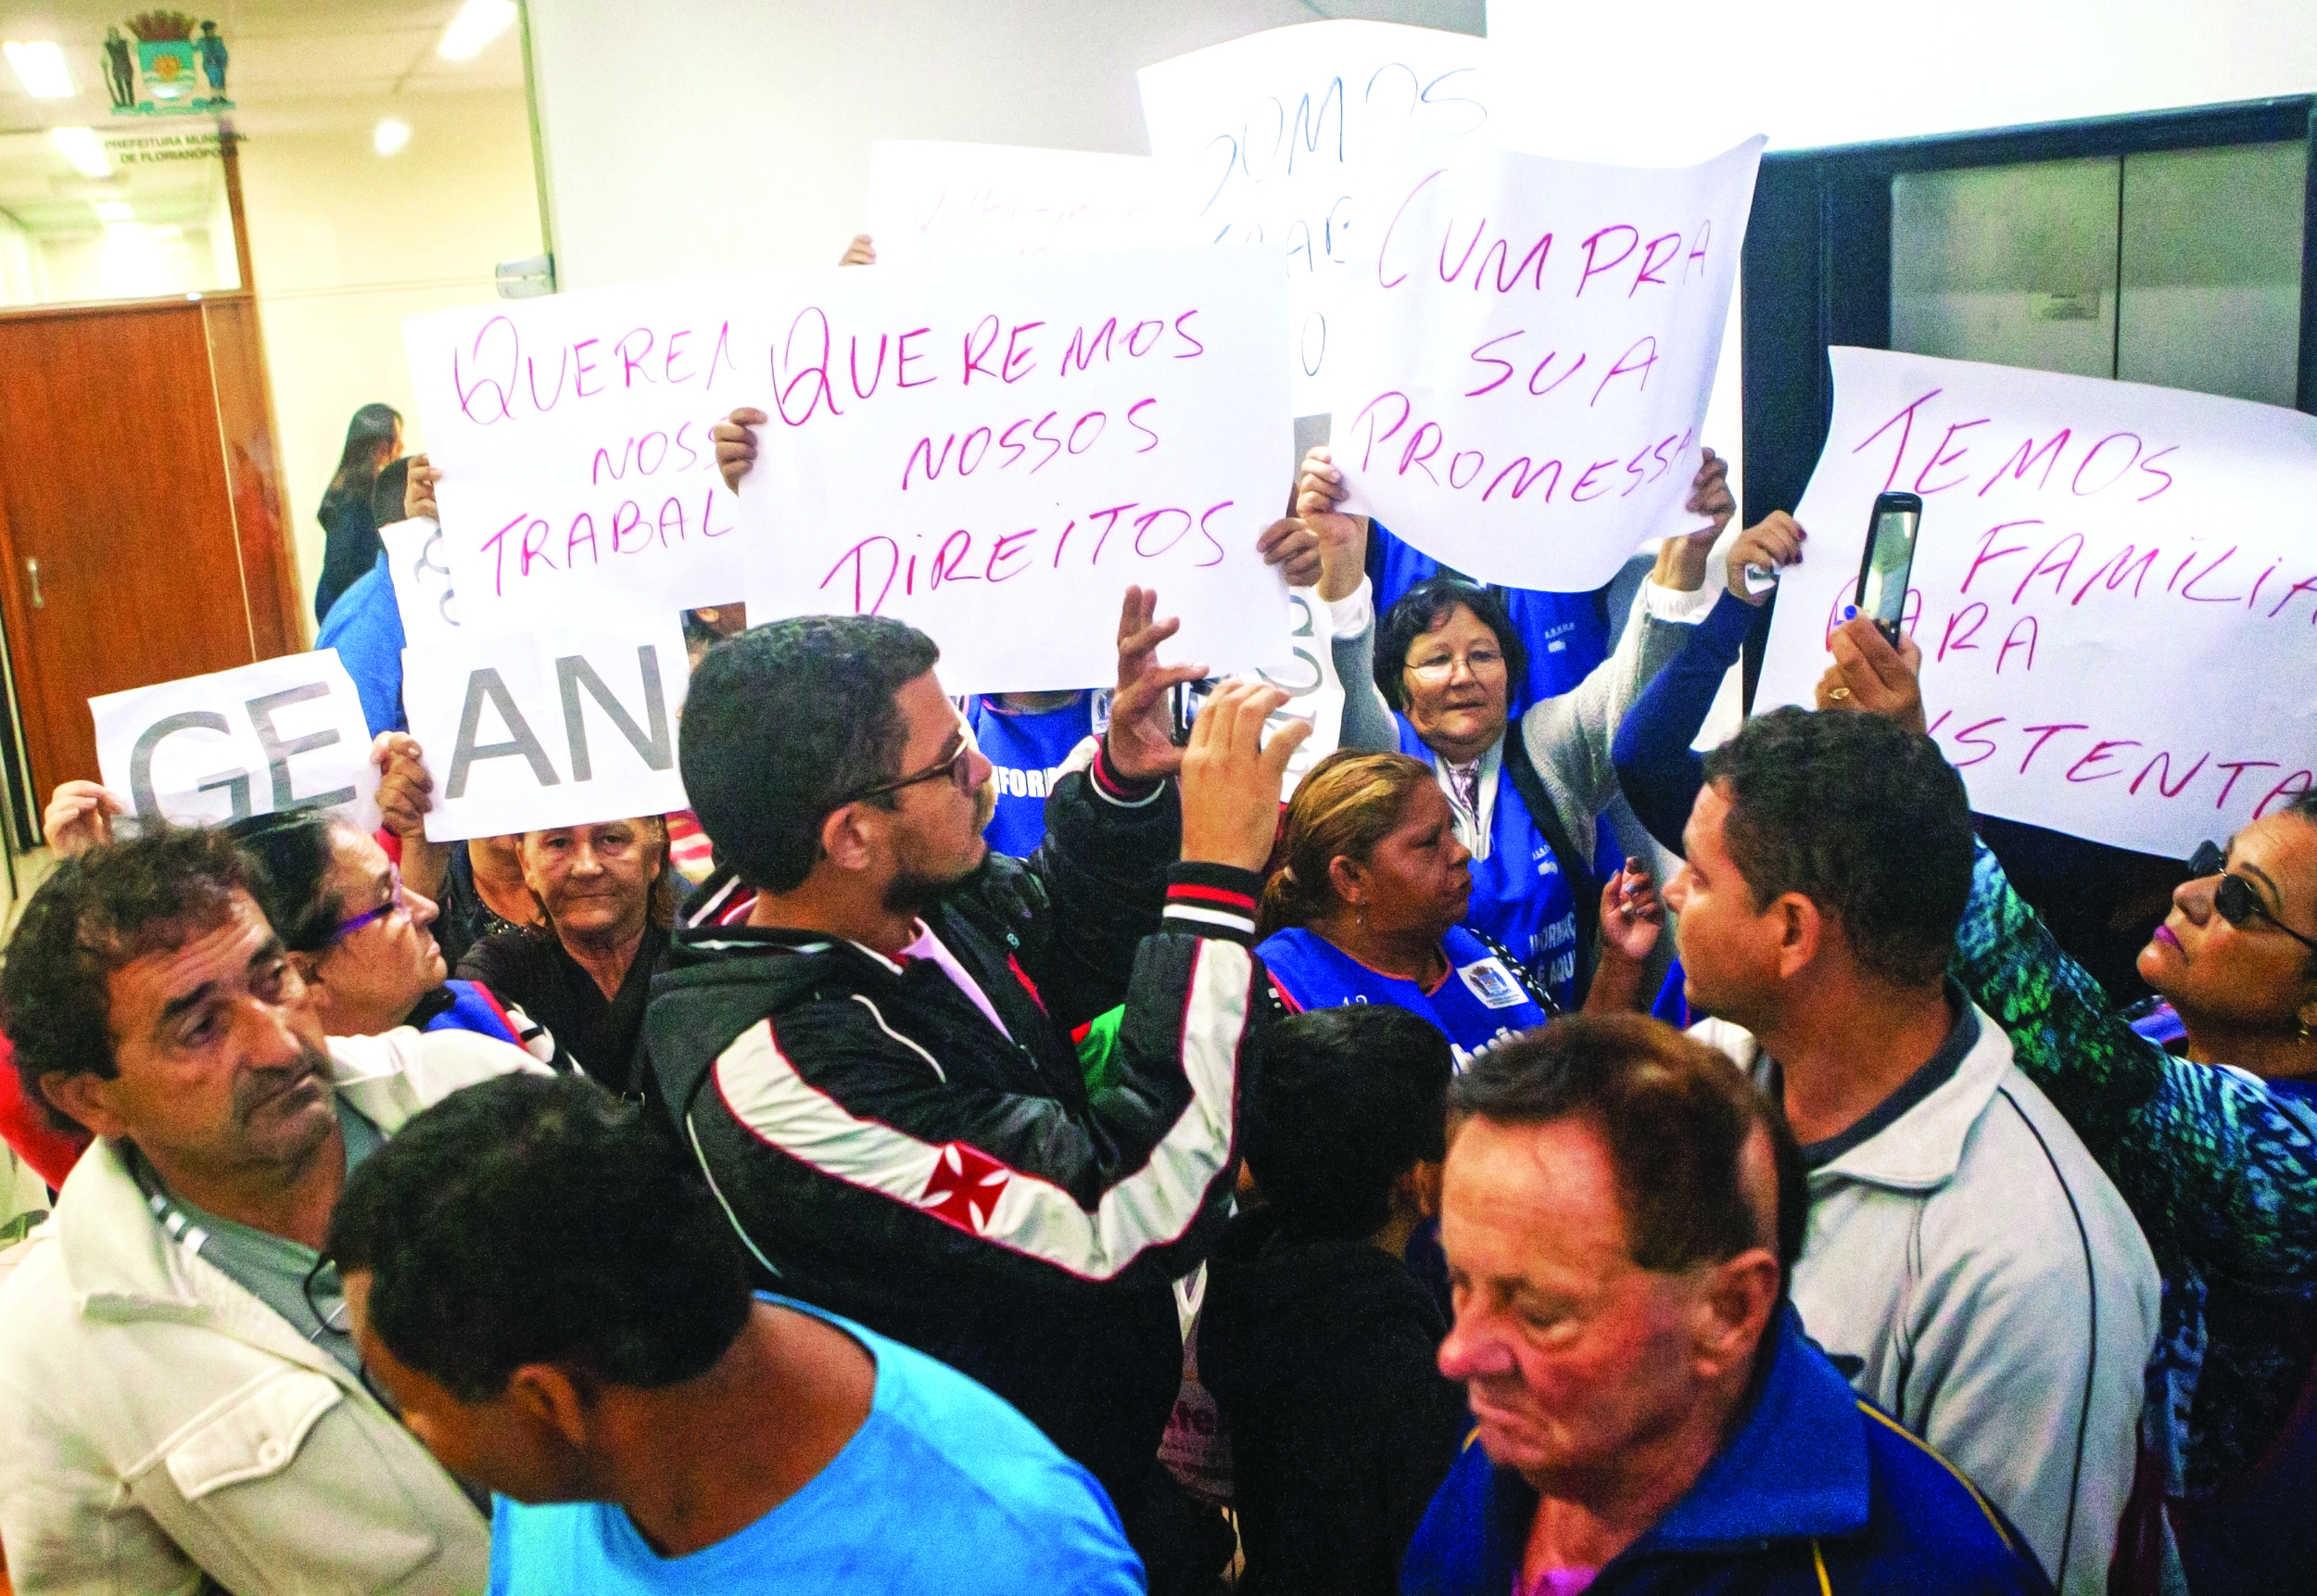 Ambulantes foram à prefeitura em busca de uma audiência com o prefeito Gean Loureiro - Flávio Tin/ND